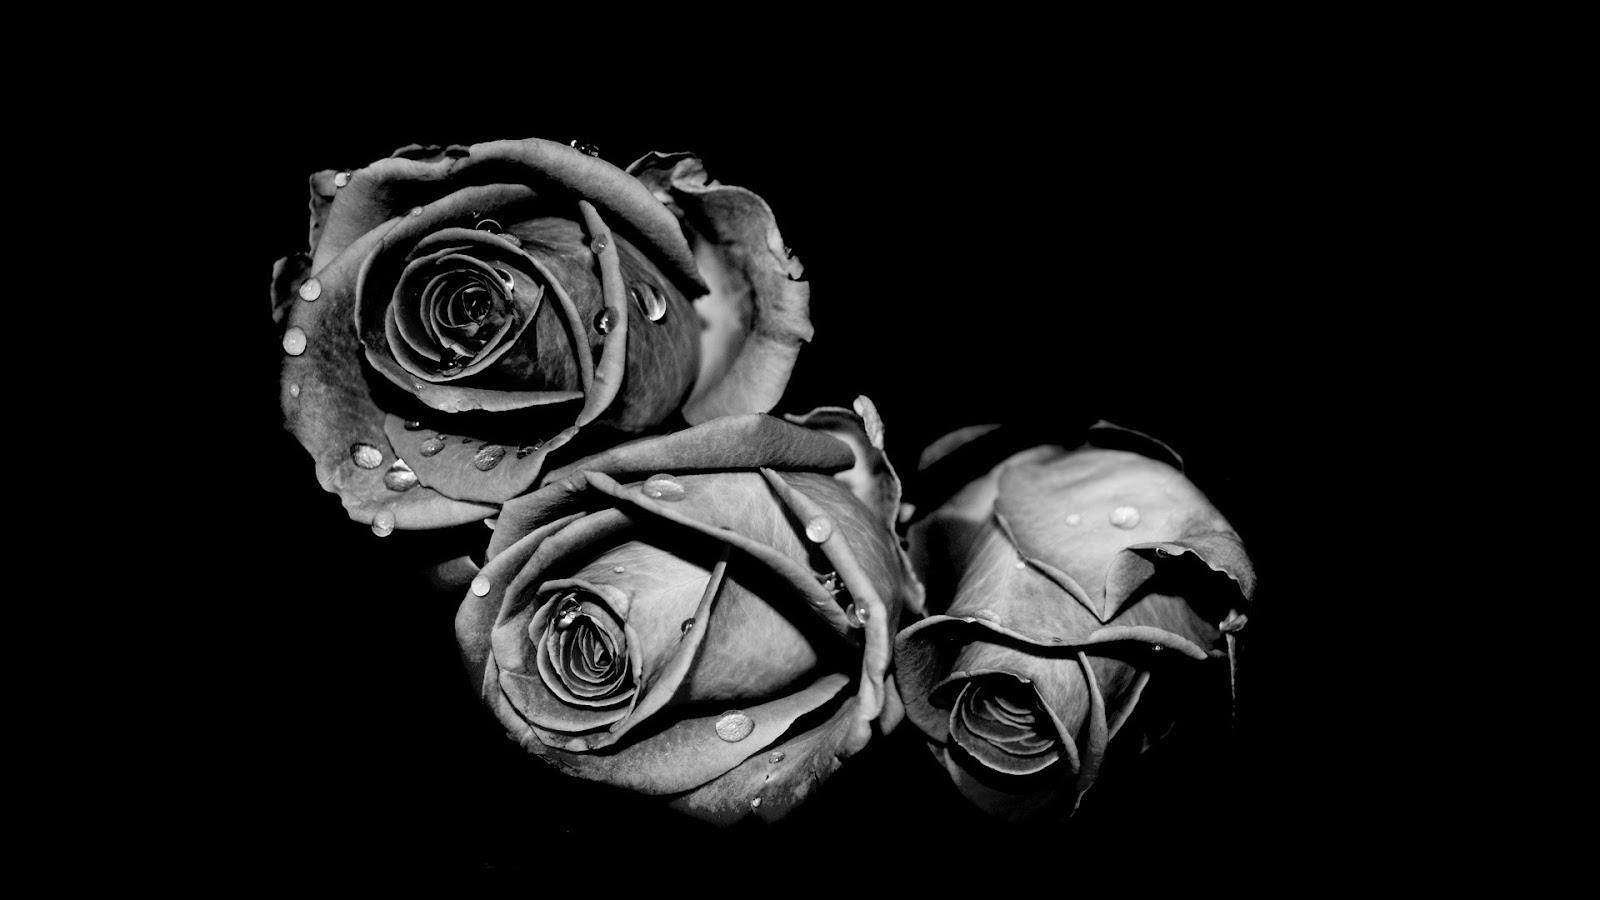 Download 4000 Koleksi Wallpaper Bunga Mawar Hitam Hd HD Terbaik